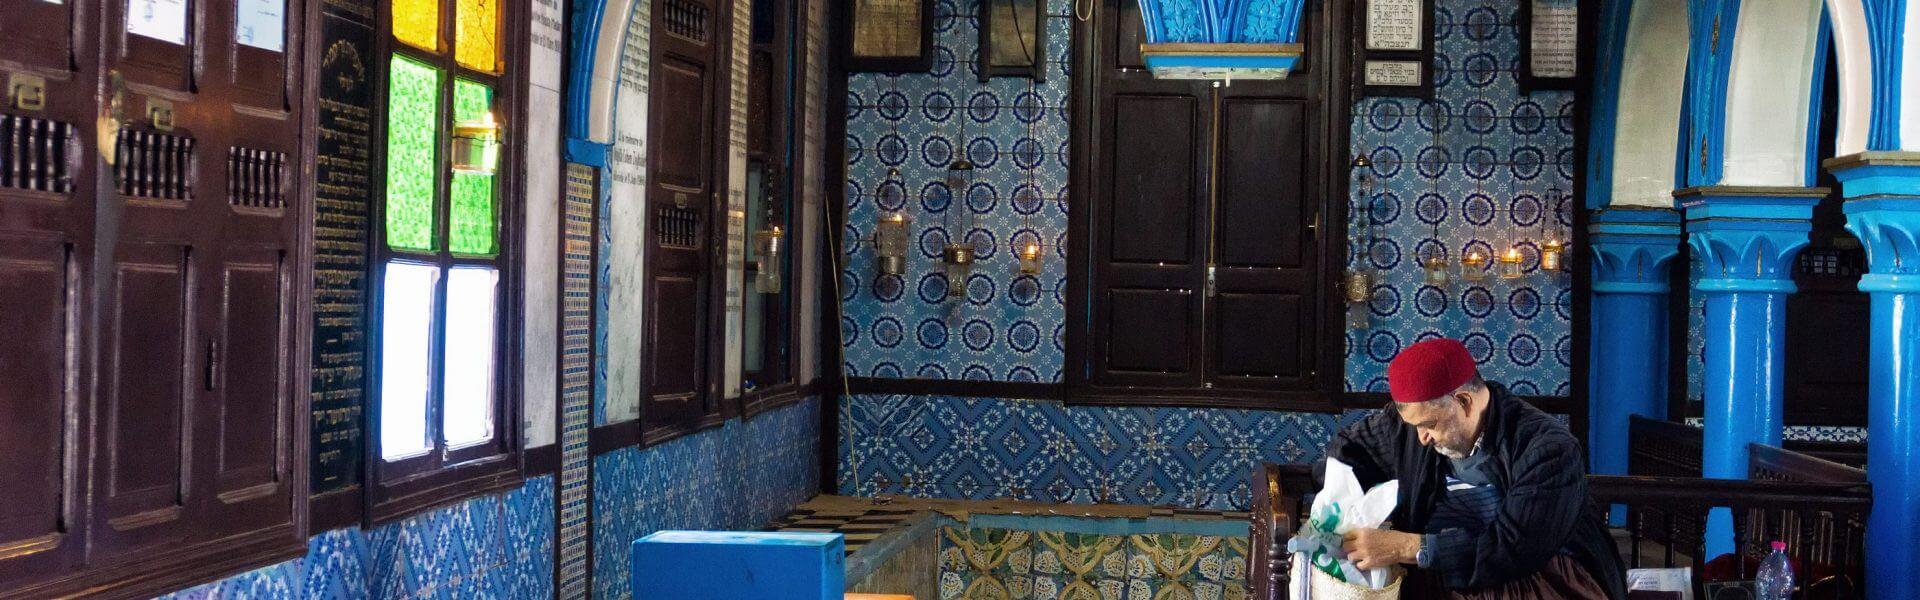 מרחב עם מסורת עתיקה ורציפה. בית הכנסת אלגריבה בג'רבה, תוניסיה